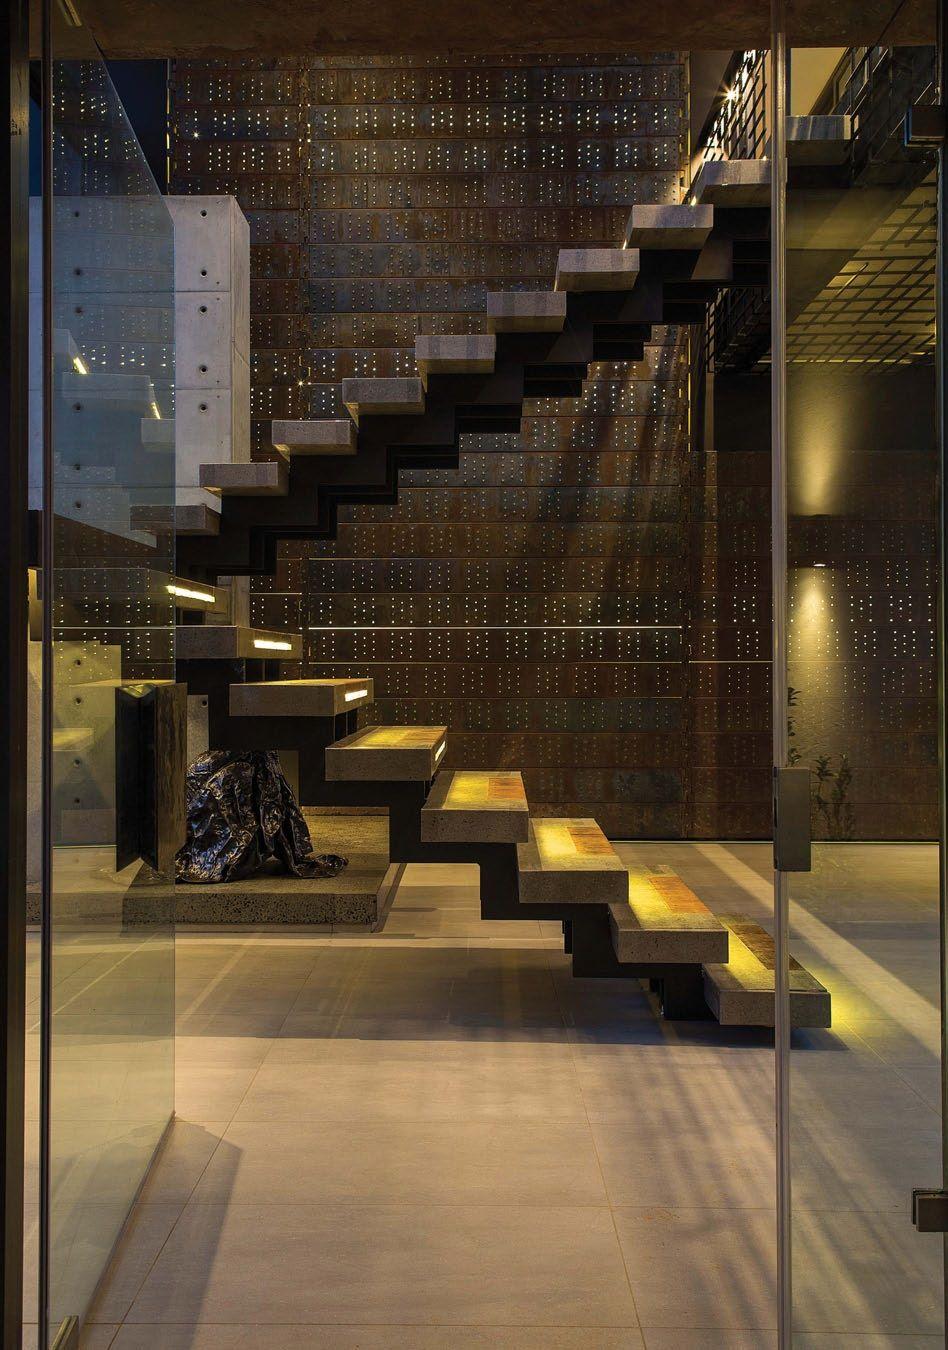 escaleras con cualidades escultricas con una piel perforada de metal oxidado y un muro de concreto